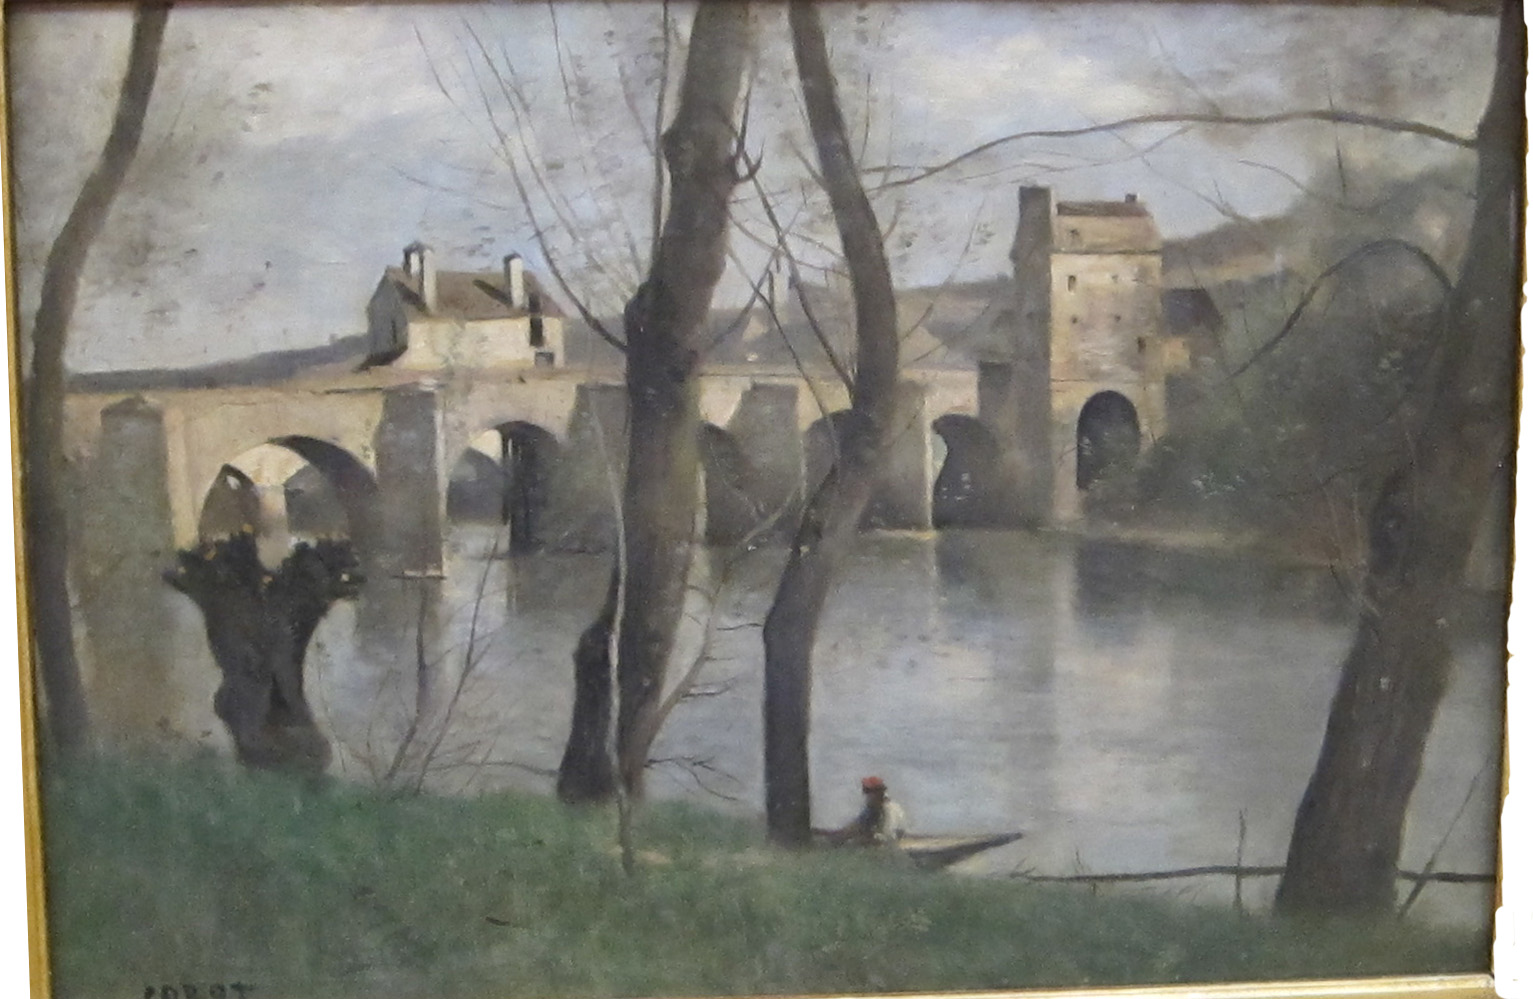 courbet and manet Courbet, manet e l'inizio del realismo emanet, olympia, 1863, esposto al salon des refusés del 1865 fanciulle sulla riva della senna, 1857 manet, il bar delle folies-bergère, 1881-1882, londra.